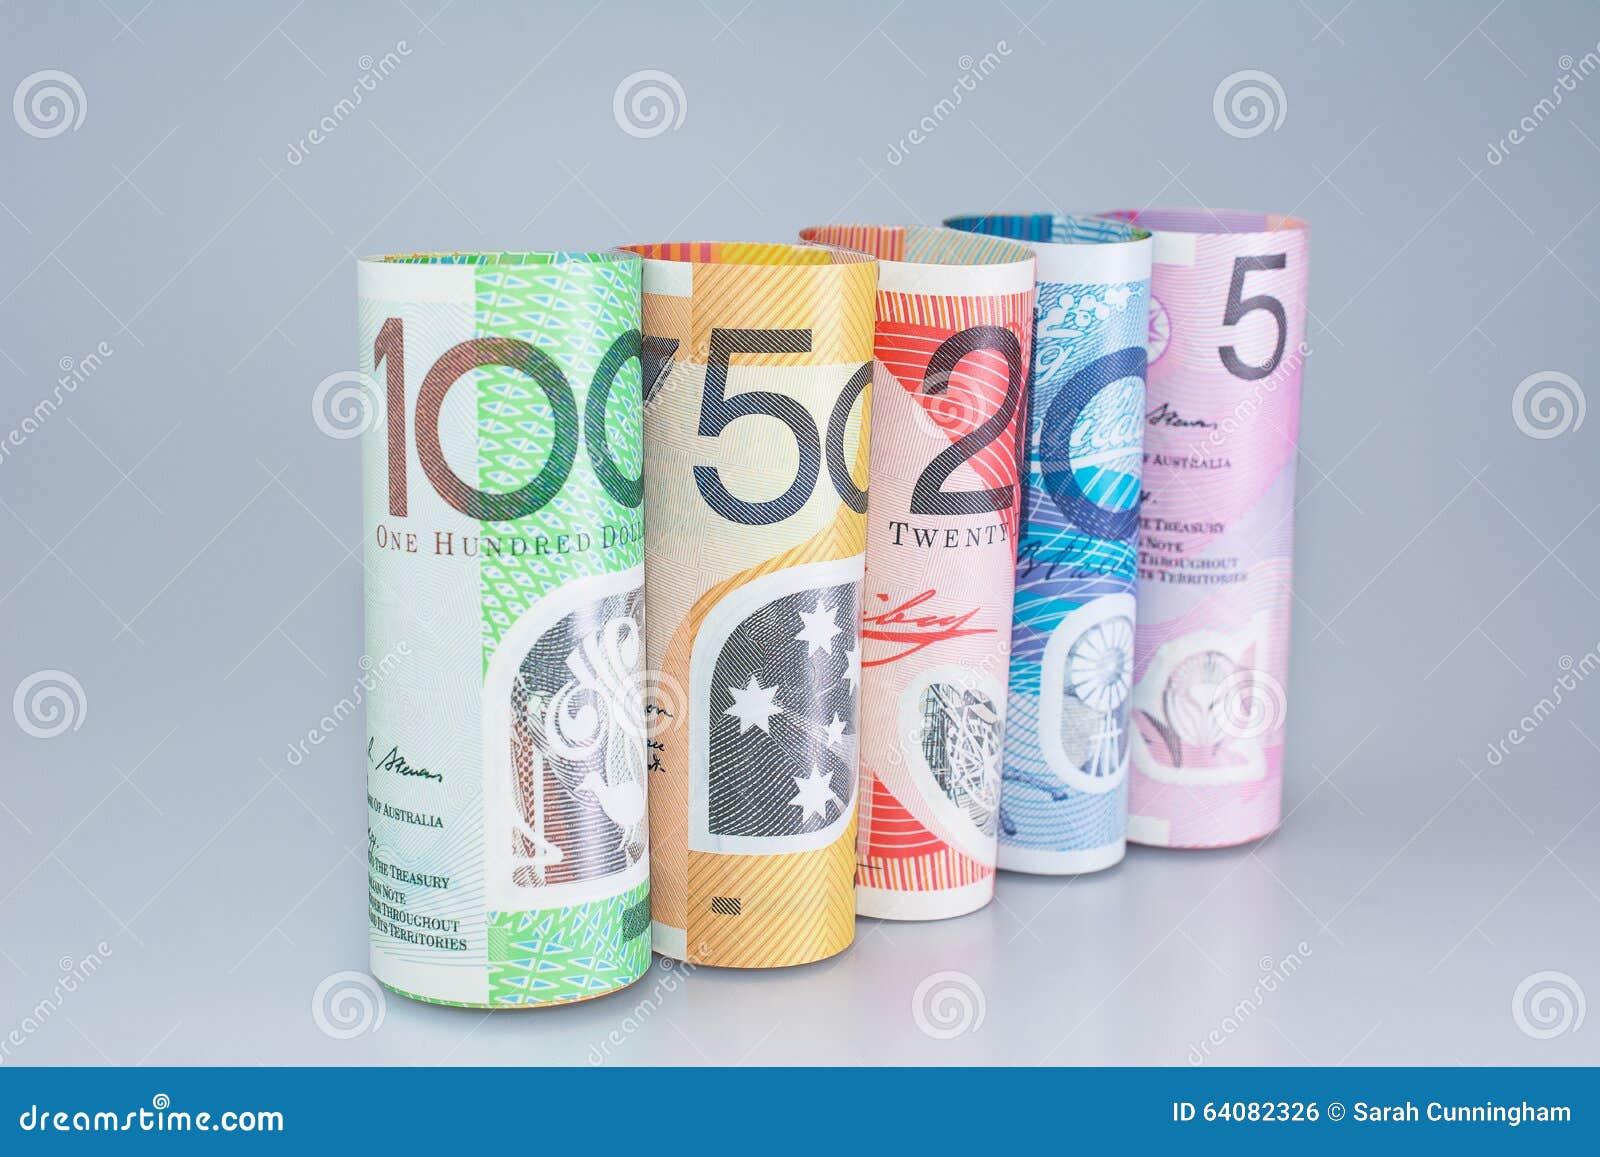 Australische Gerolde Geldbenamingen